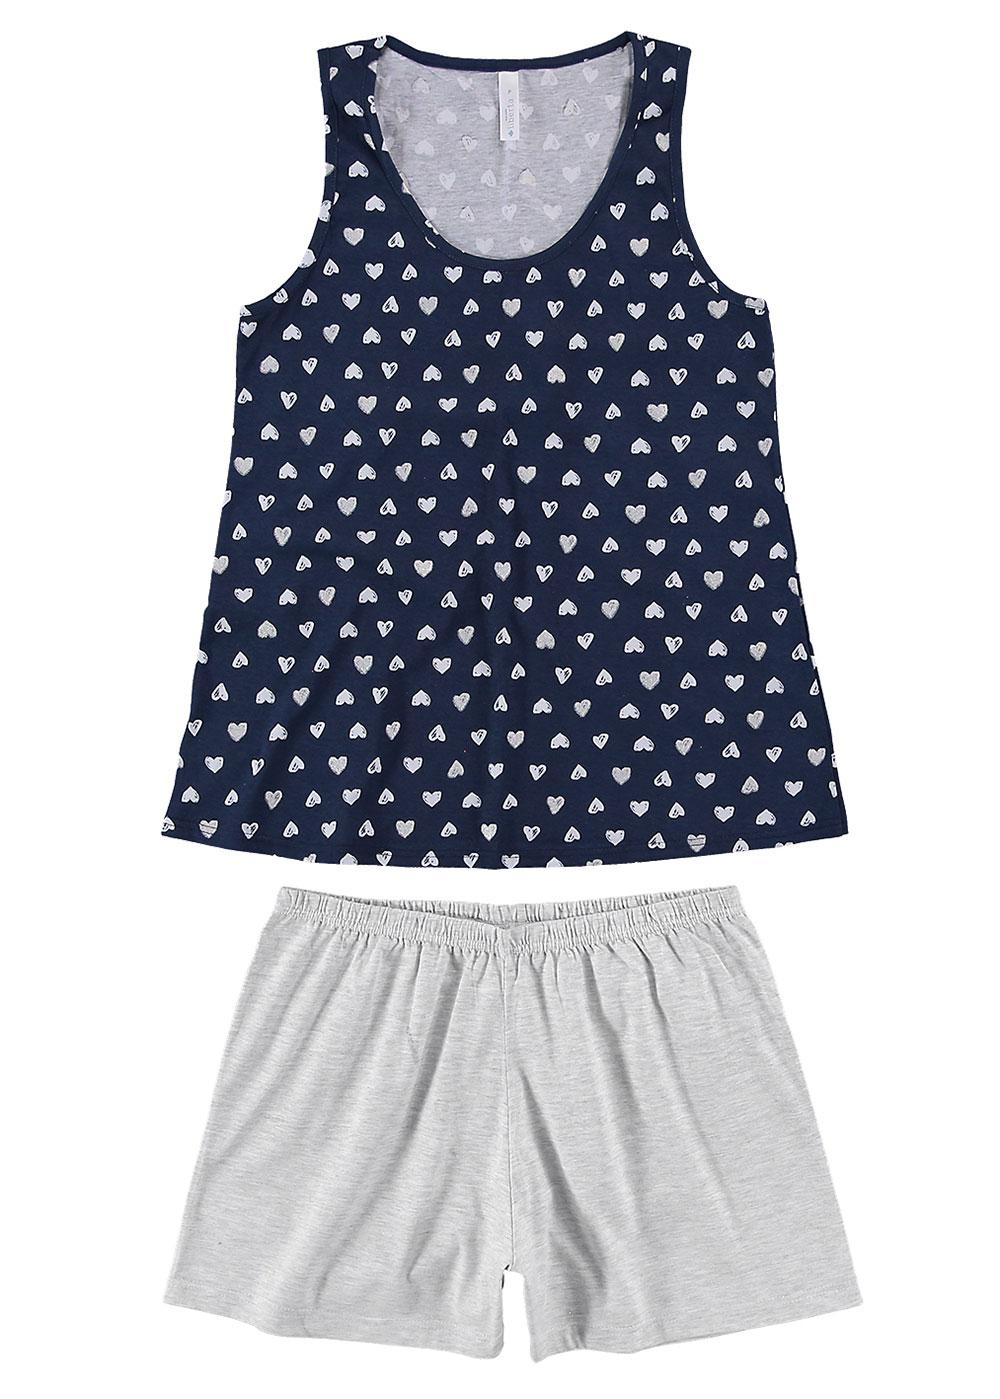 Pijama Feminino Adulto Azul Coração Malwee